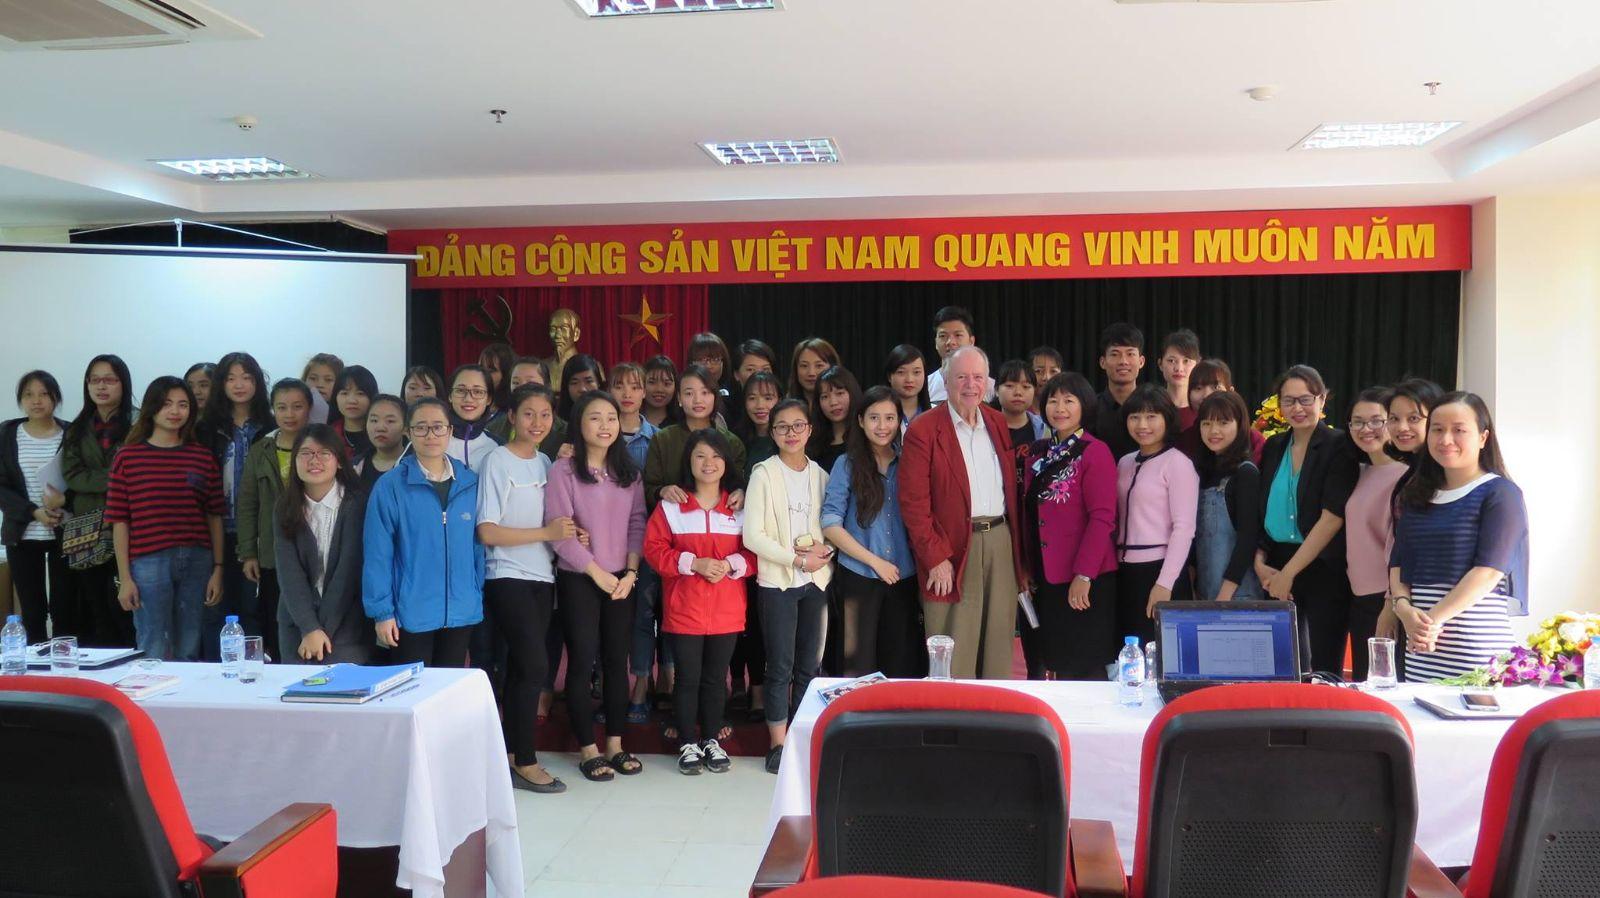 Học viện Phụ nữ Việt Nam làm việc với chuyên gia người Mỹ - GS.TS.RENE WADLOW